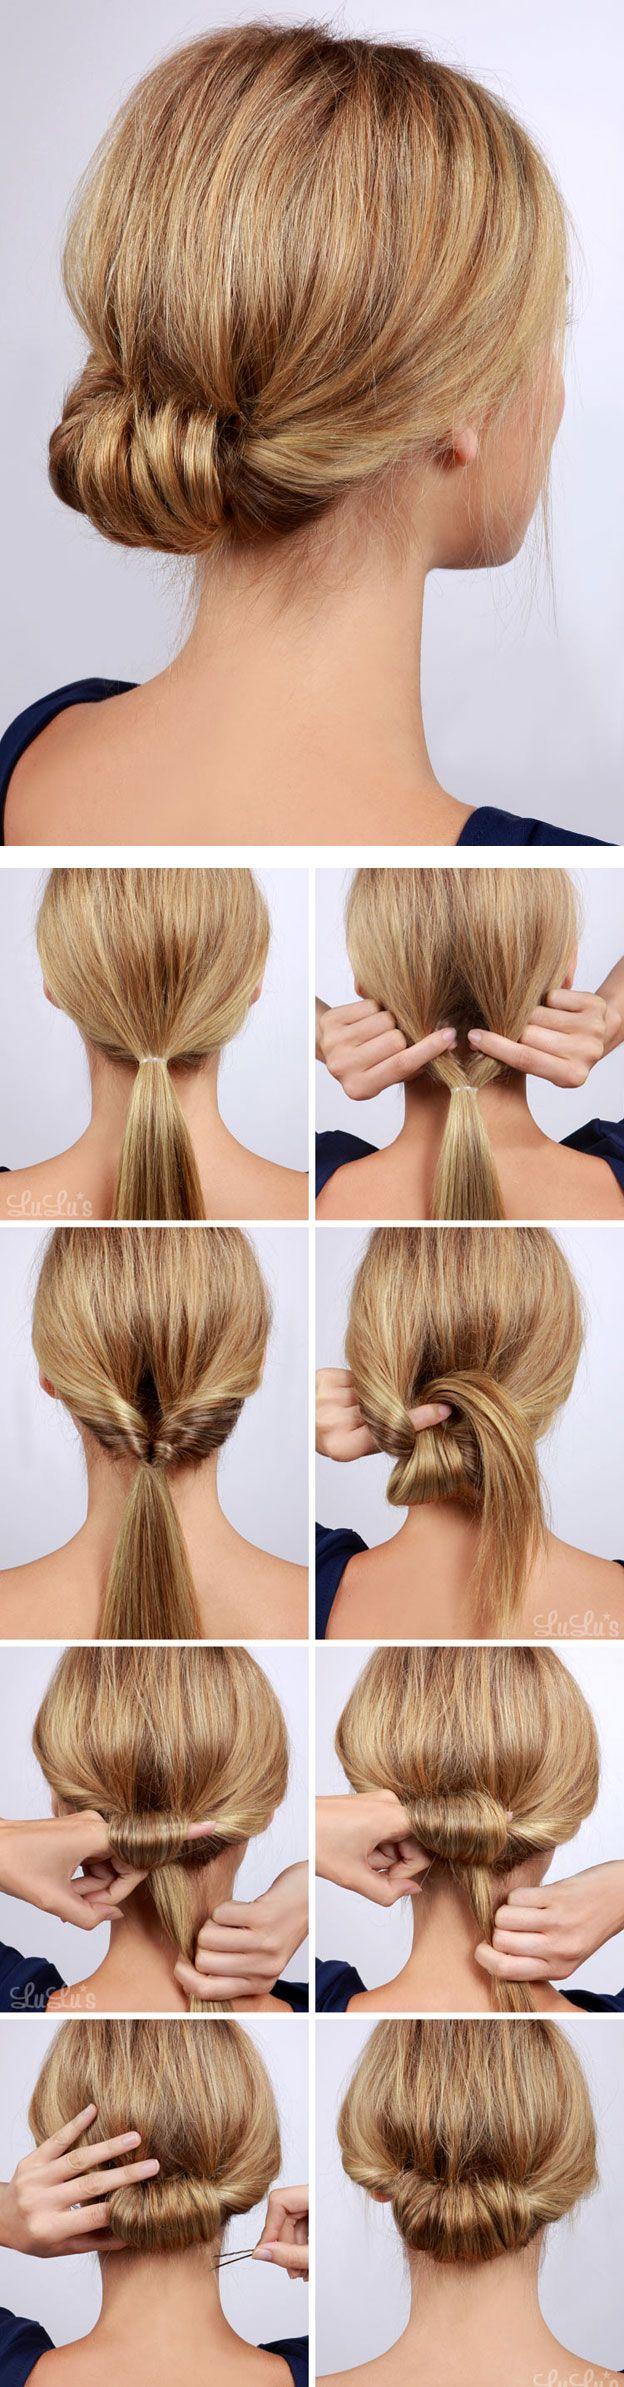 Легкая прическа с собранными волосами frisur pinterest hair